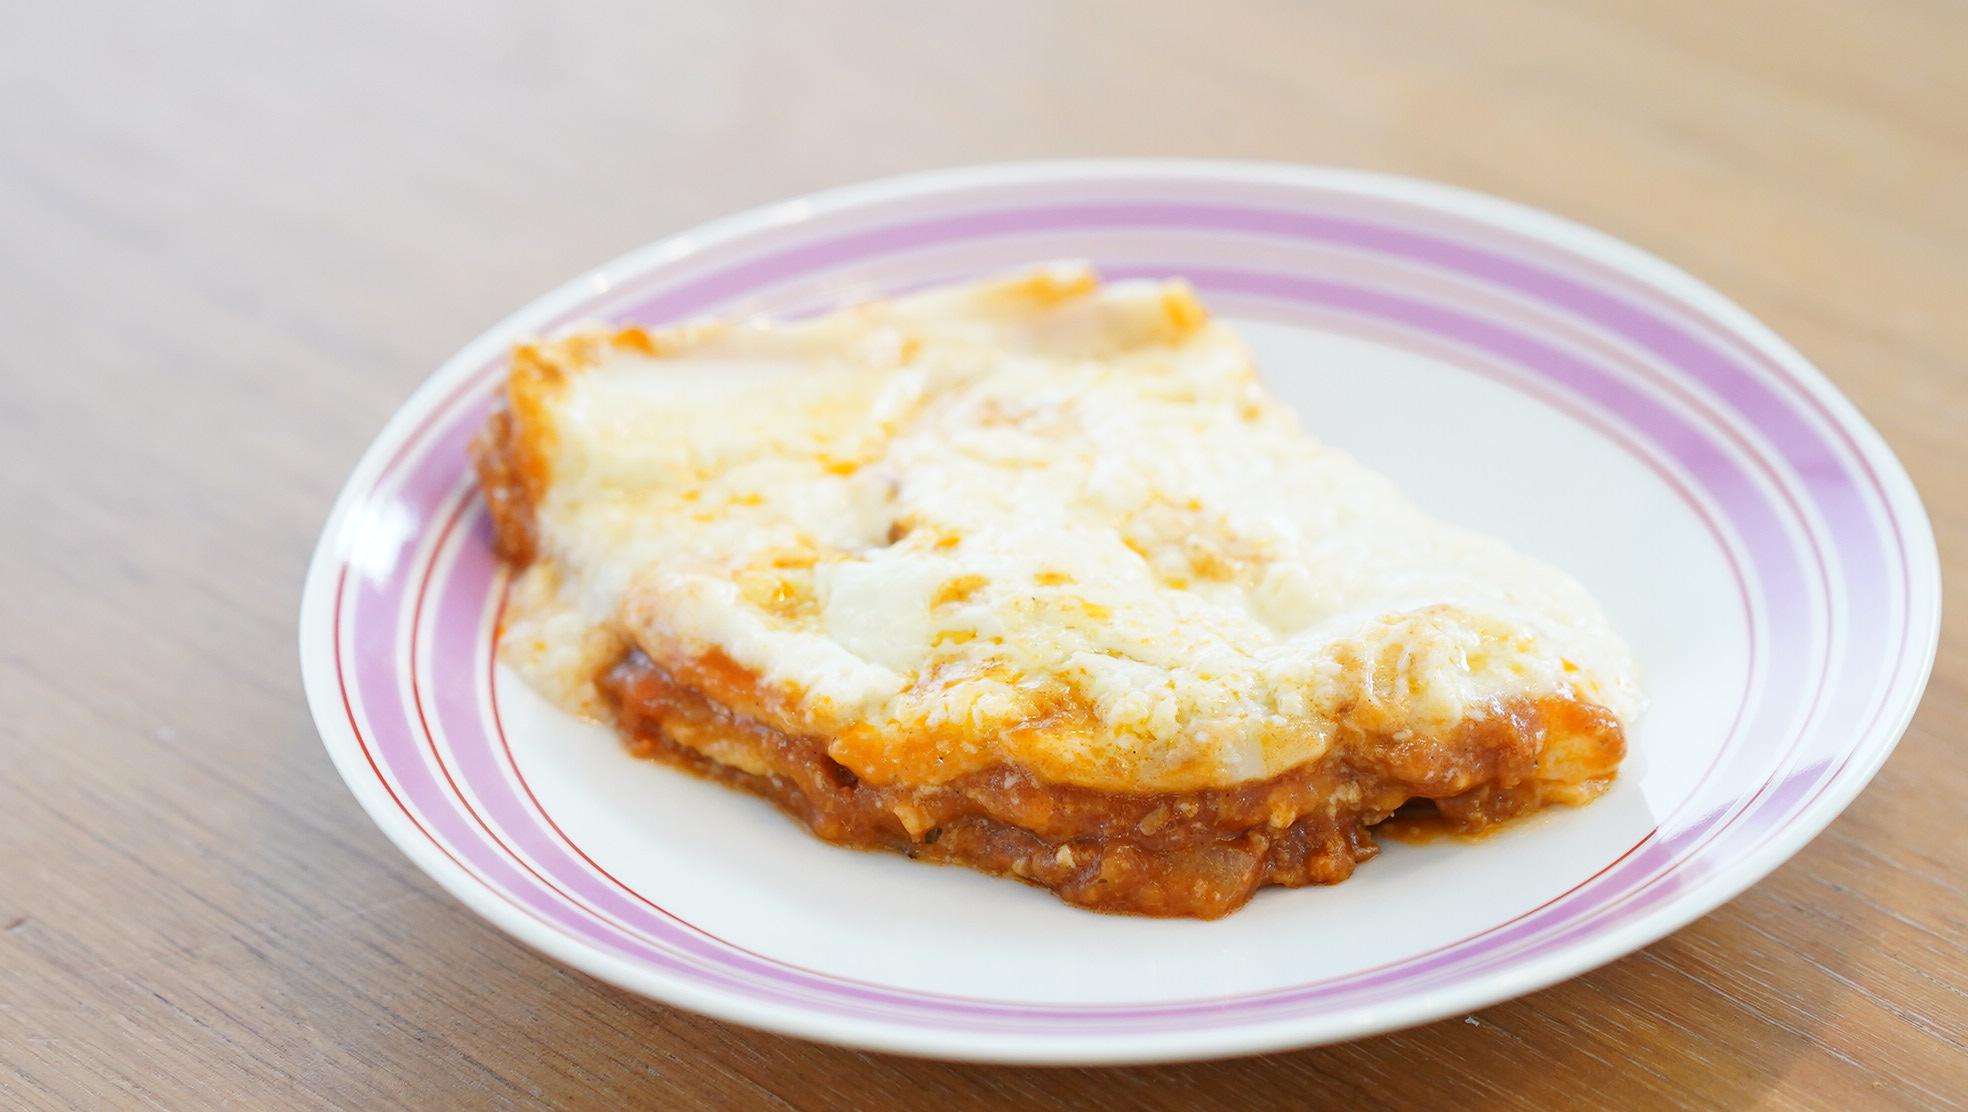 コストコのおすすめ冷凍食品「ビーフラザニア」のチーズとミートソースが組み合わさっている写真